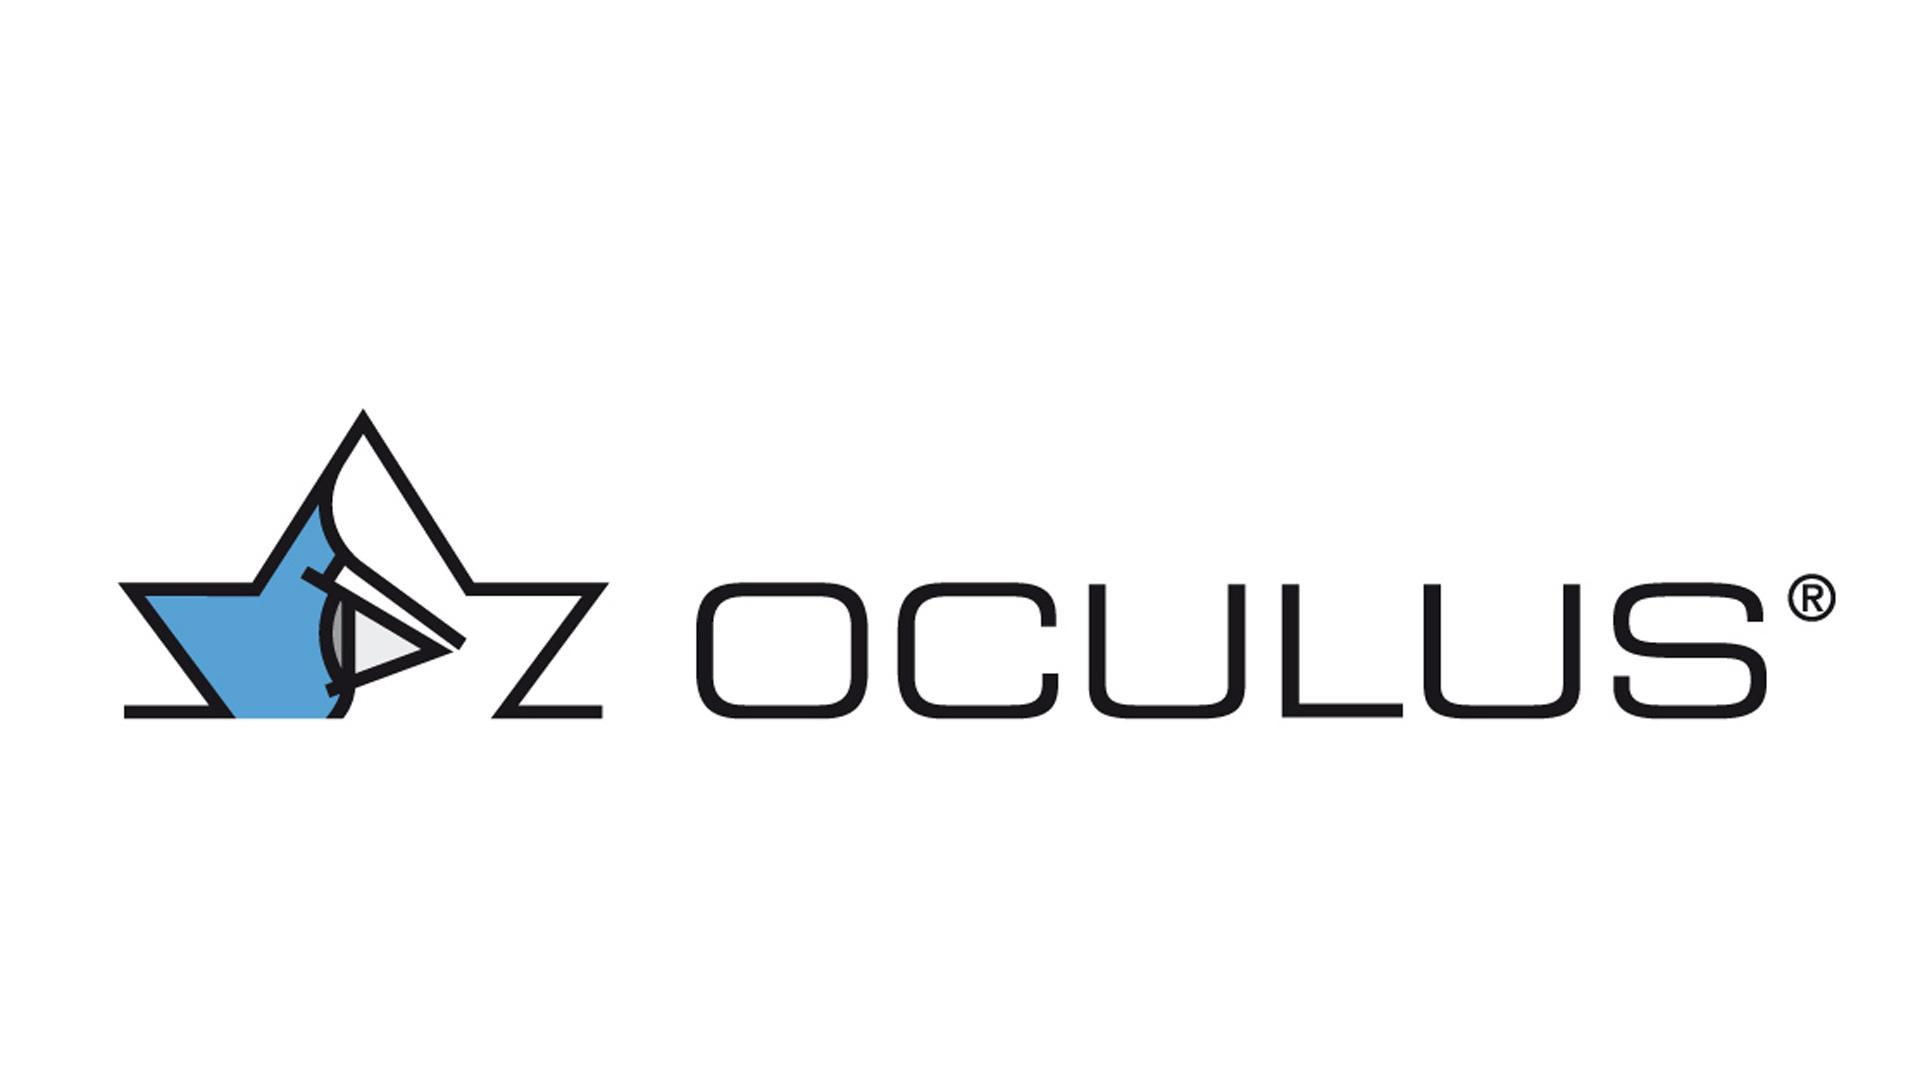 OCULUS_Logo_2006_4c_1920_1080 (1).jpg